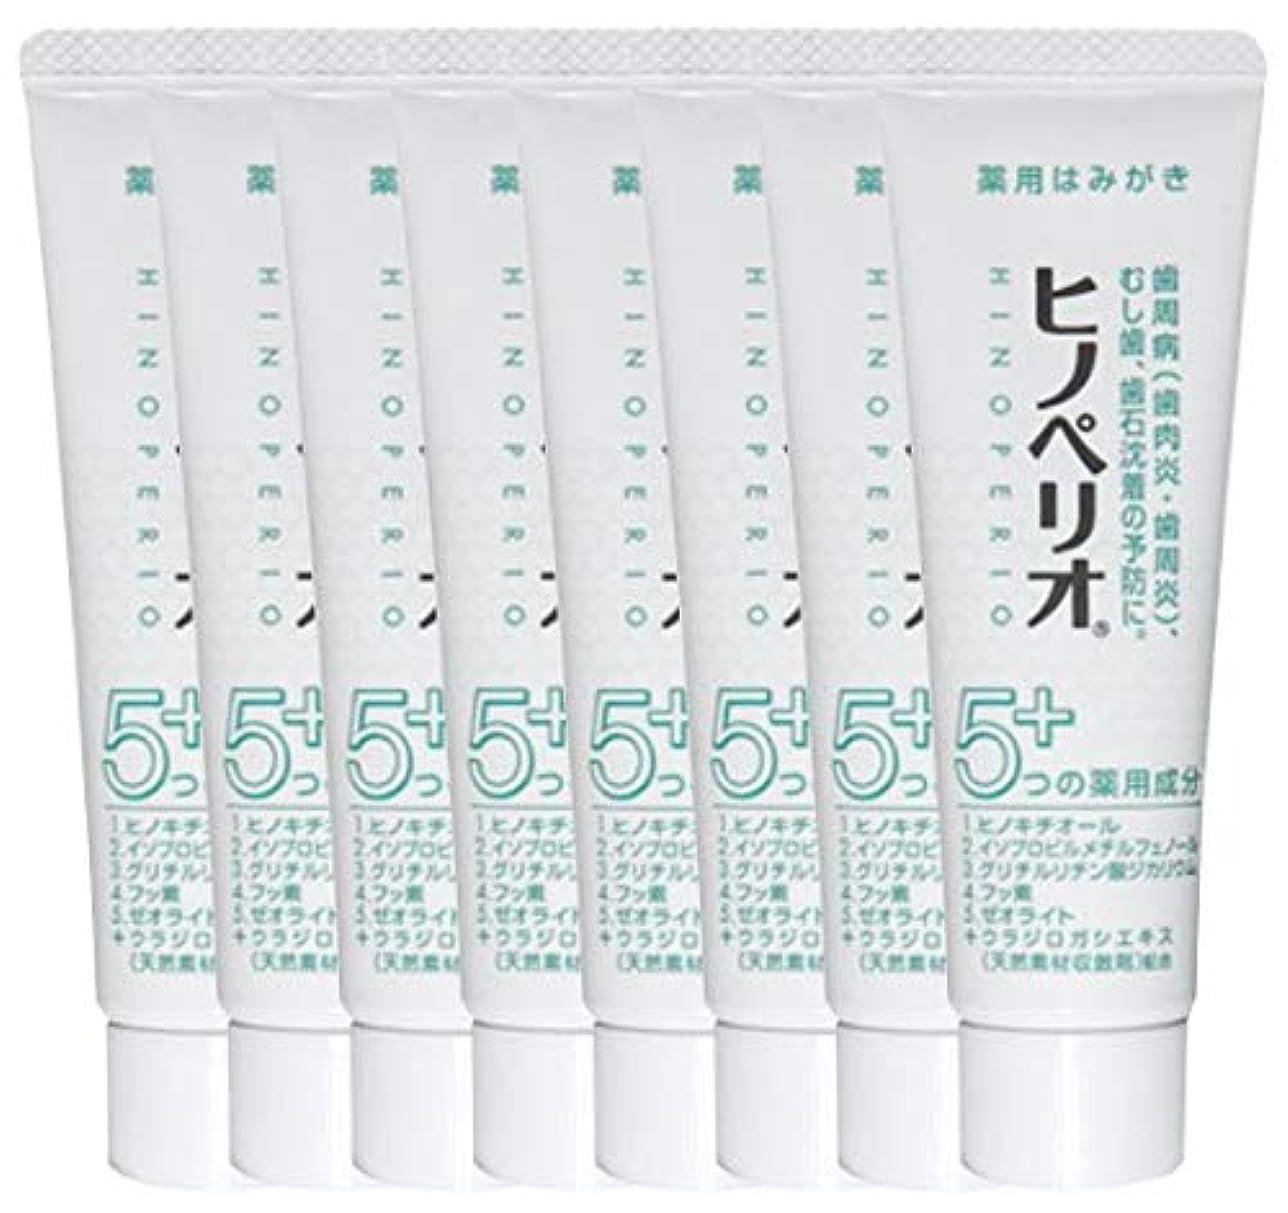 知り合いになるクリープスラム昭和薬品 ヒノペリオ60g 医薬部外品 × 8本